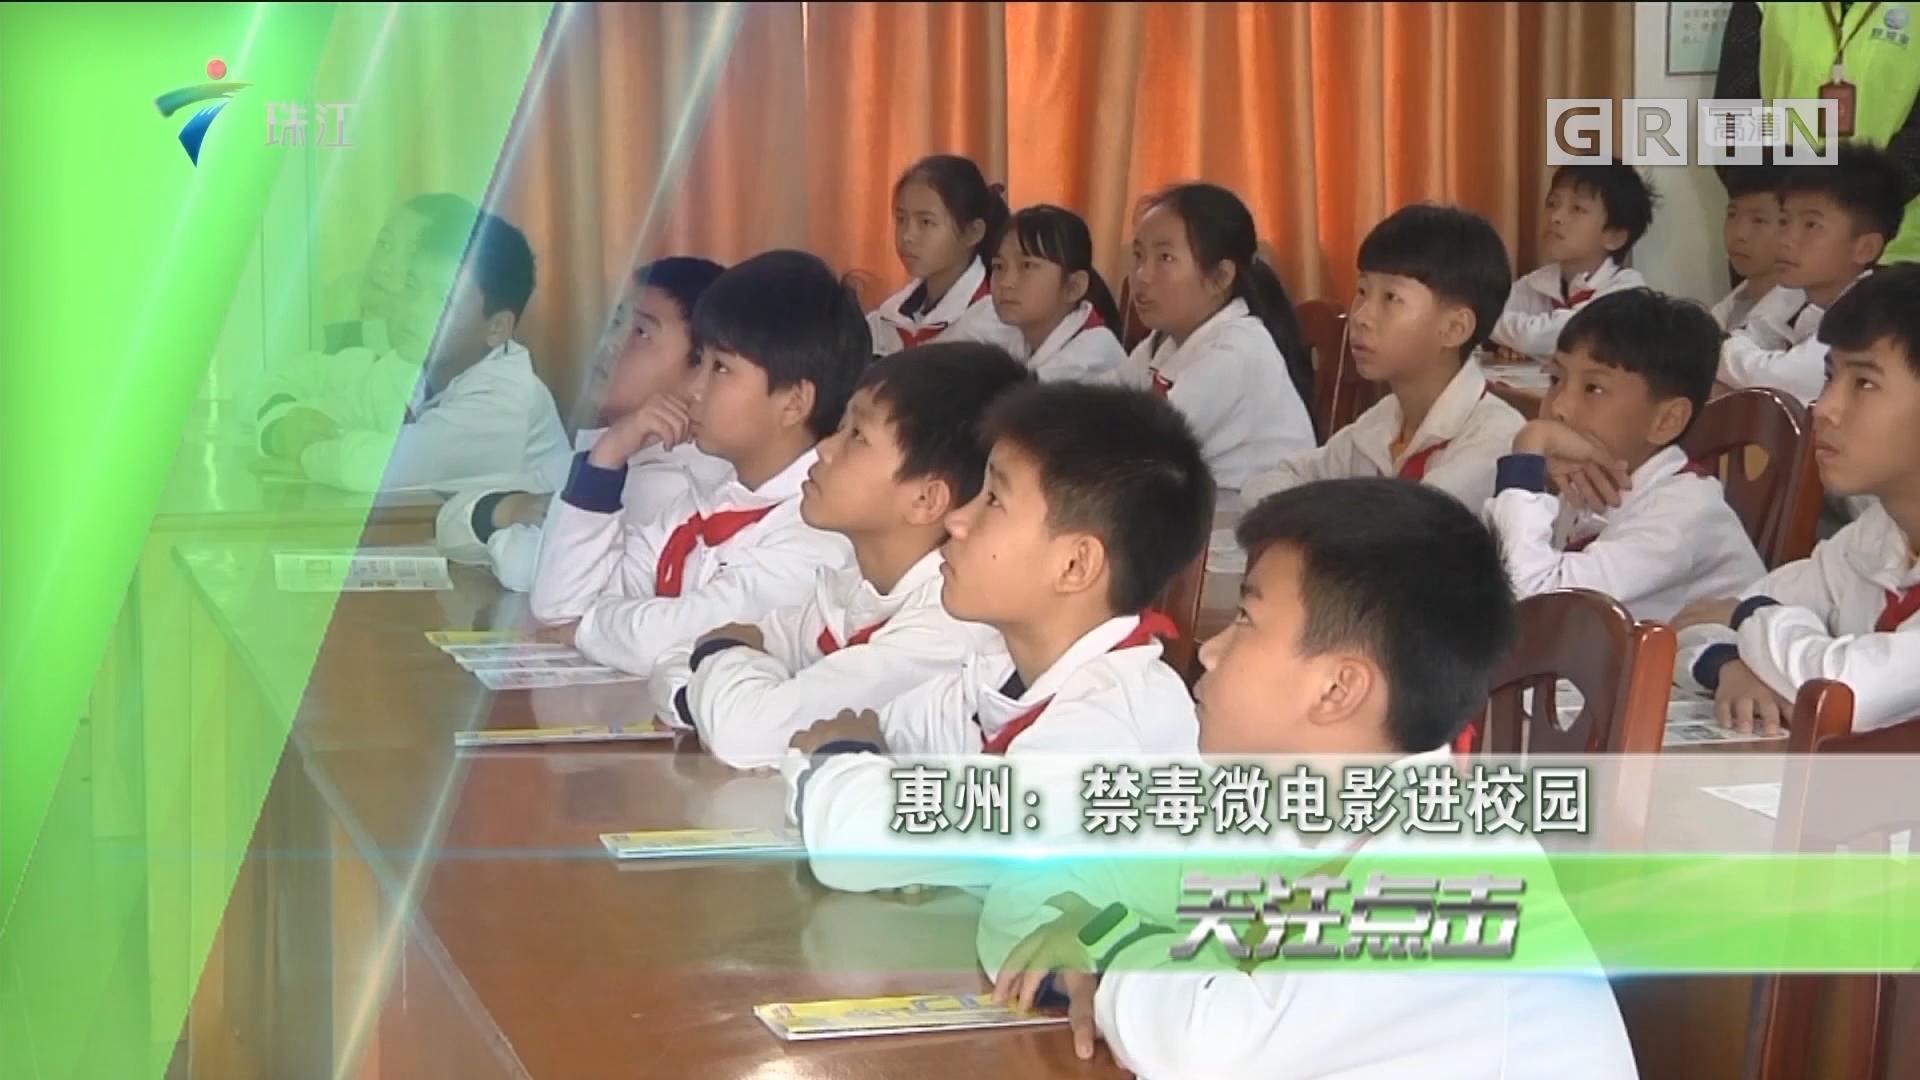 惠州:禁毒微电影进校园